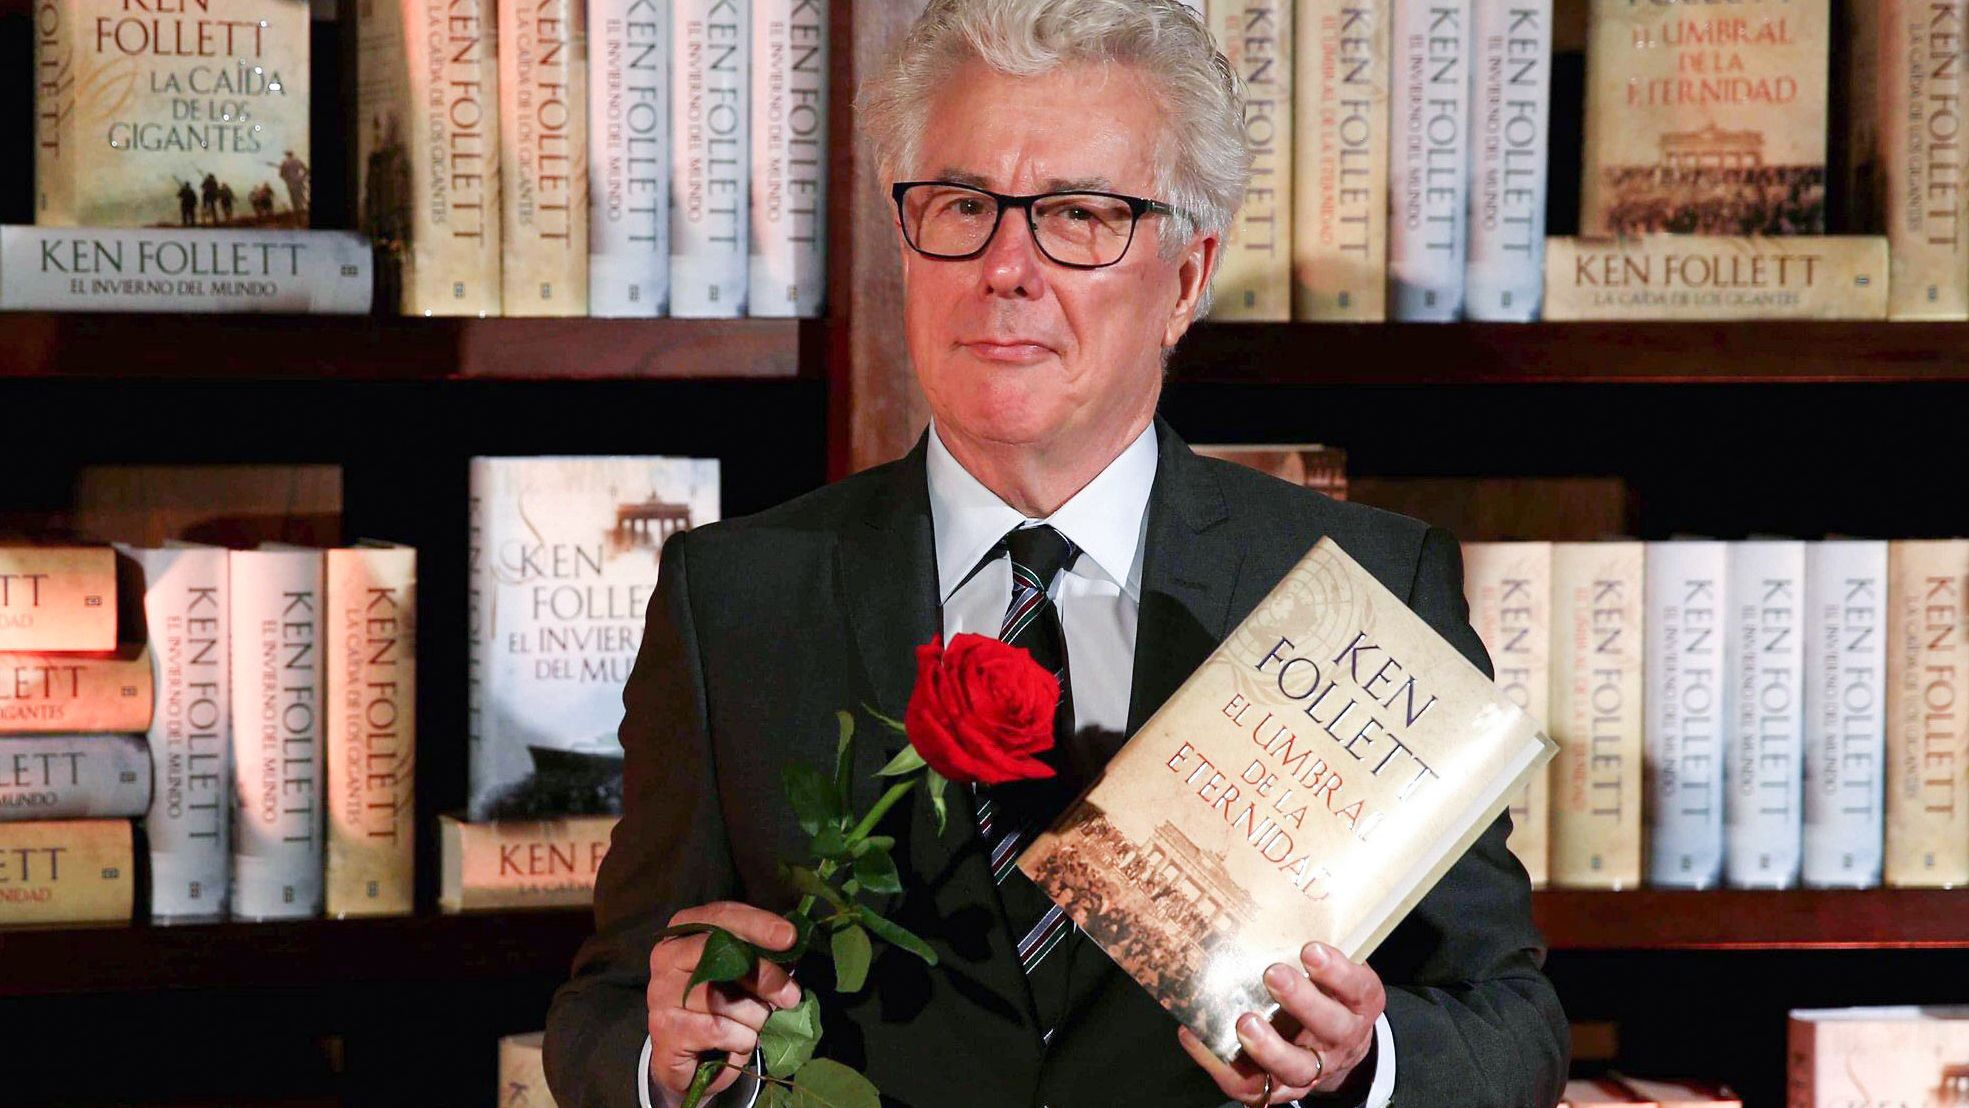 Ken Follett steht vor einem Bücherregal und hält eines seiner Bücher und eine Rose in der Hand.